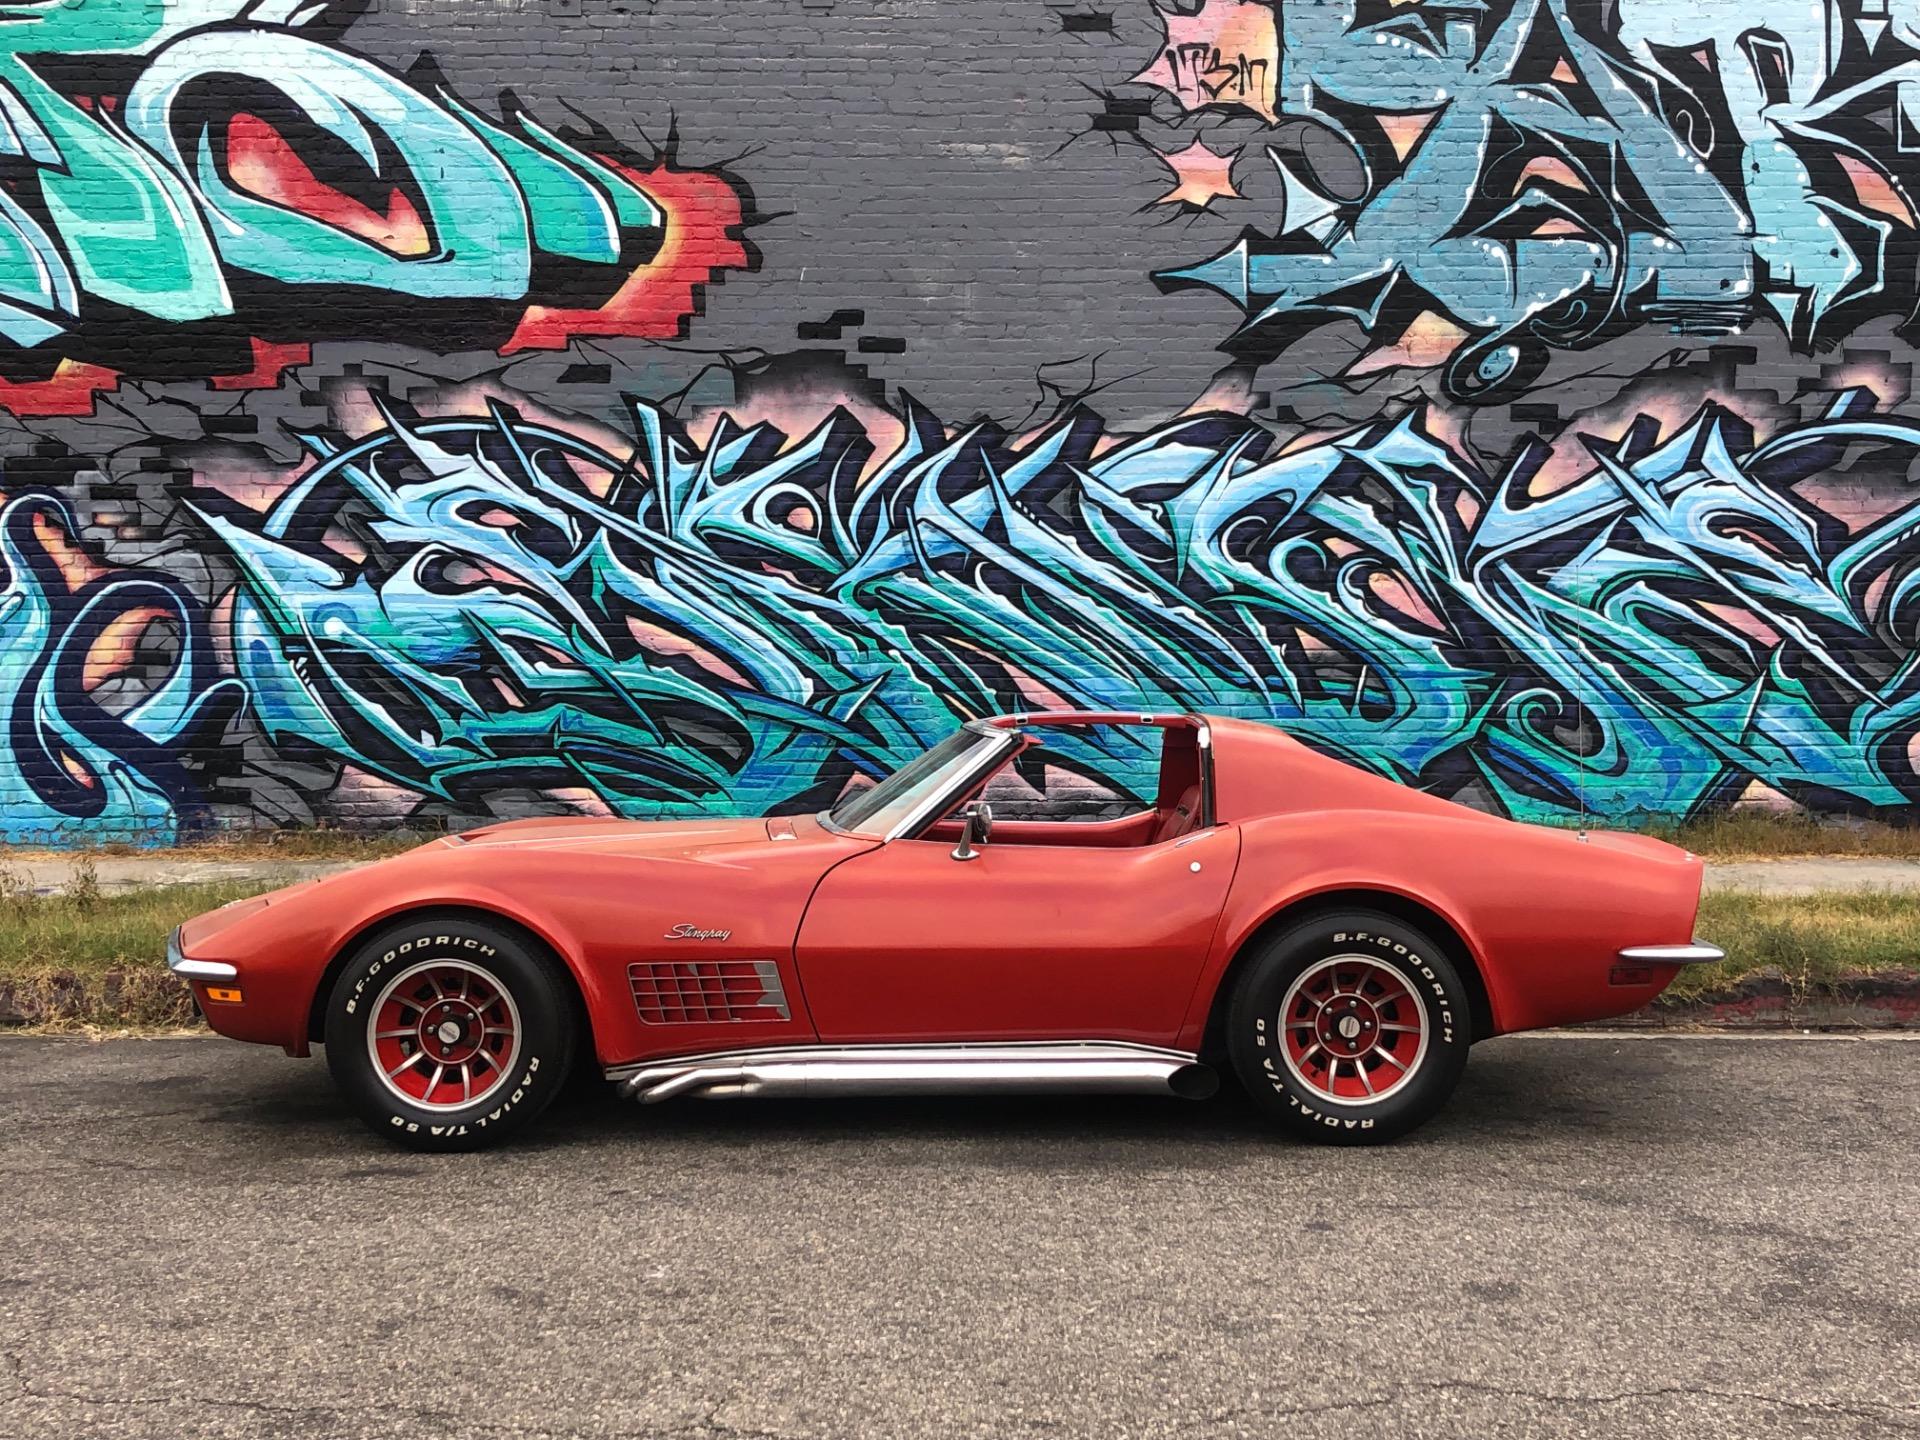 Used 1971 Chevrolet Corvette LT1